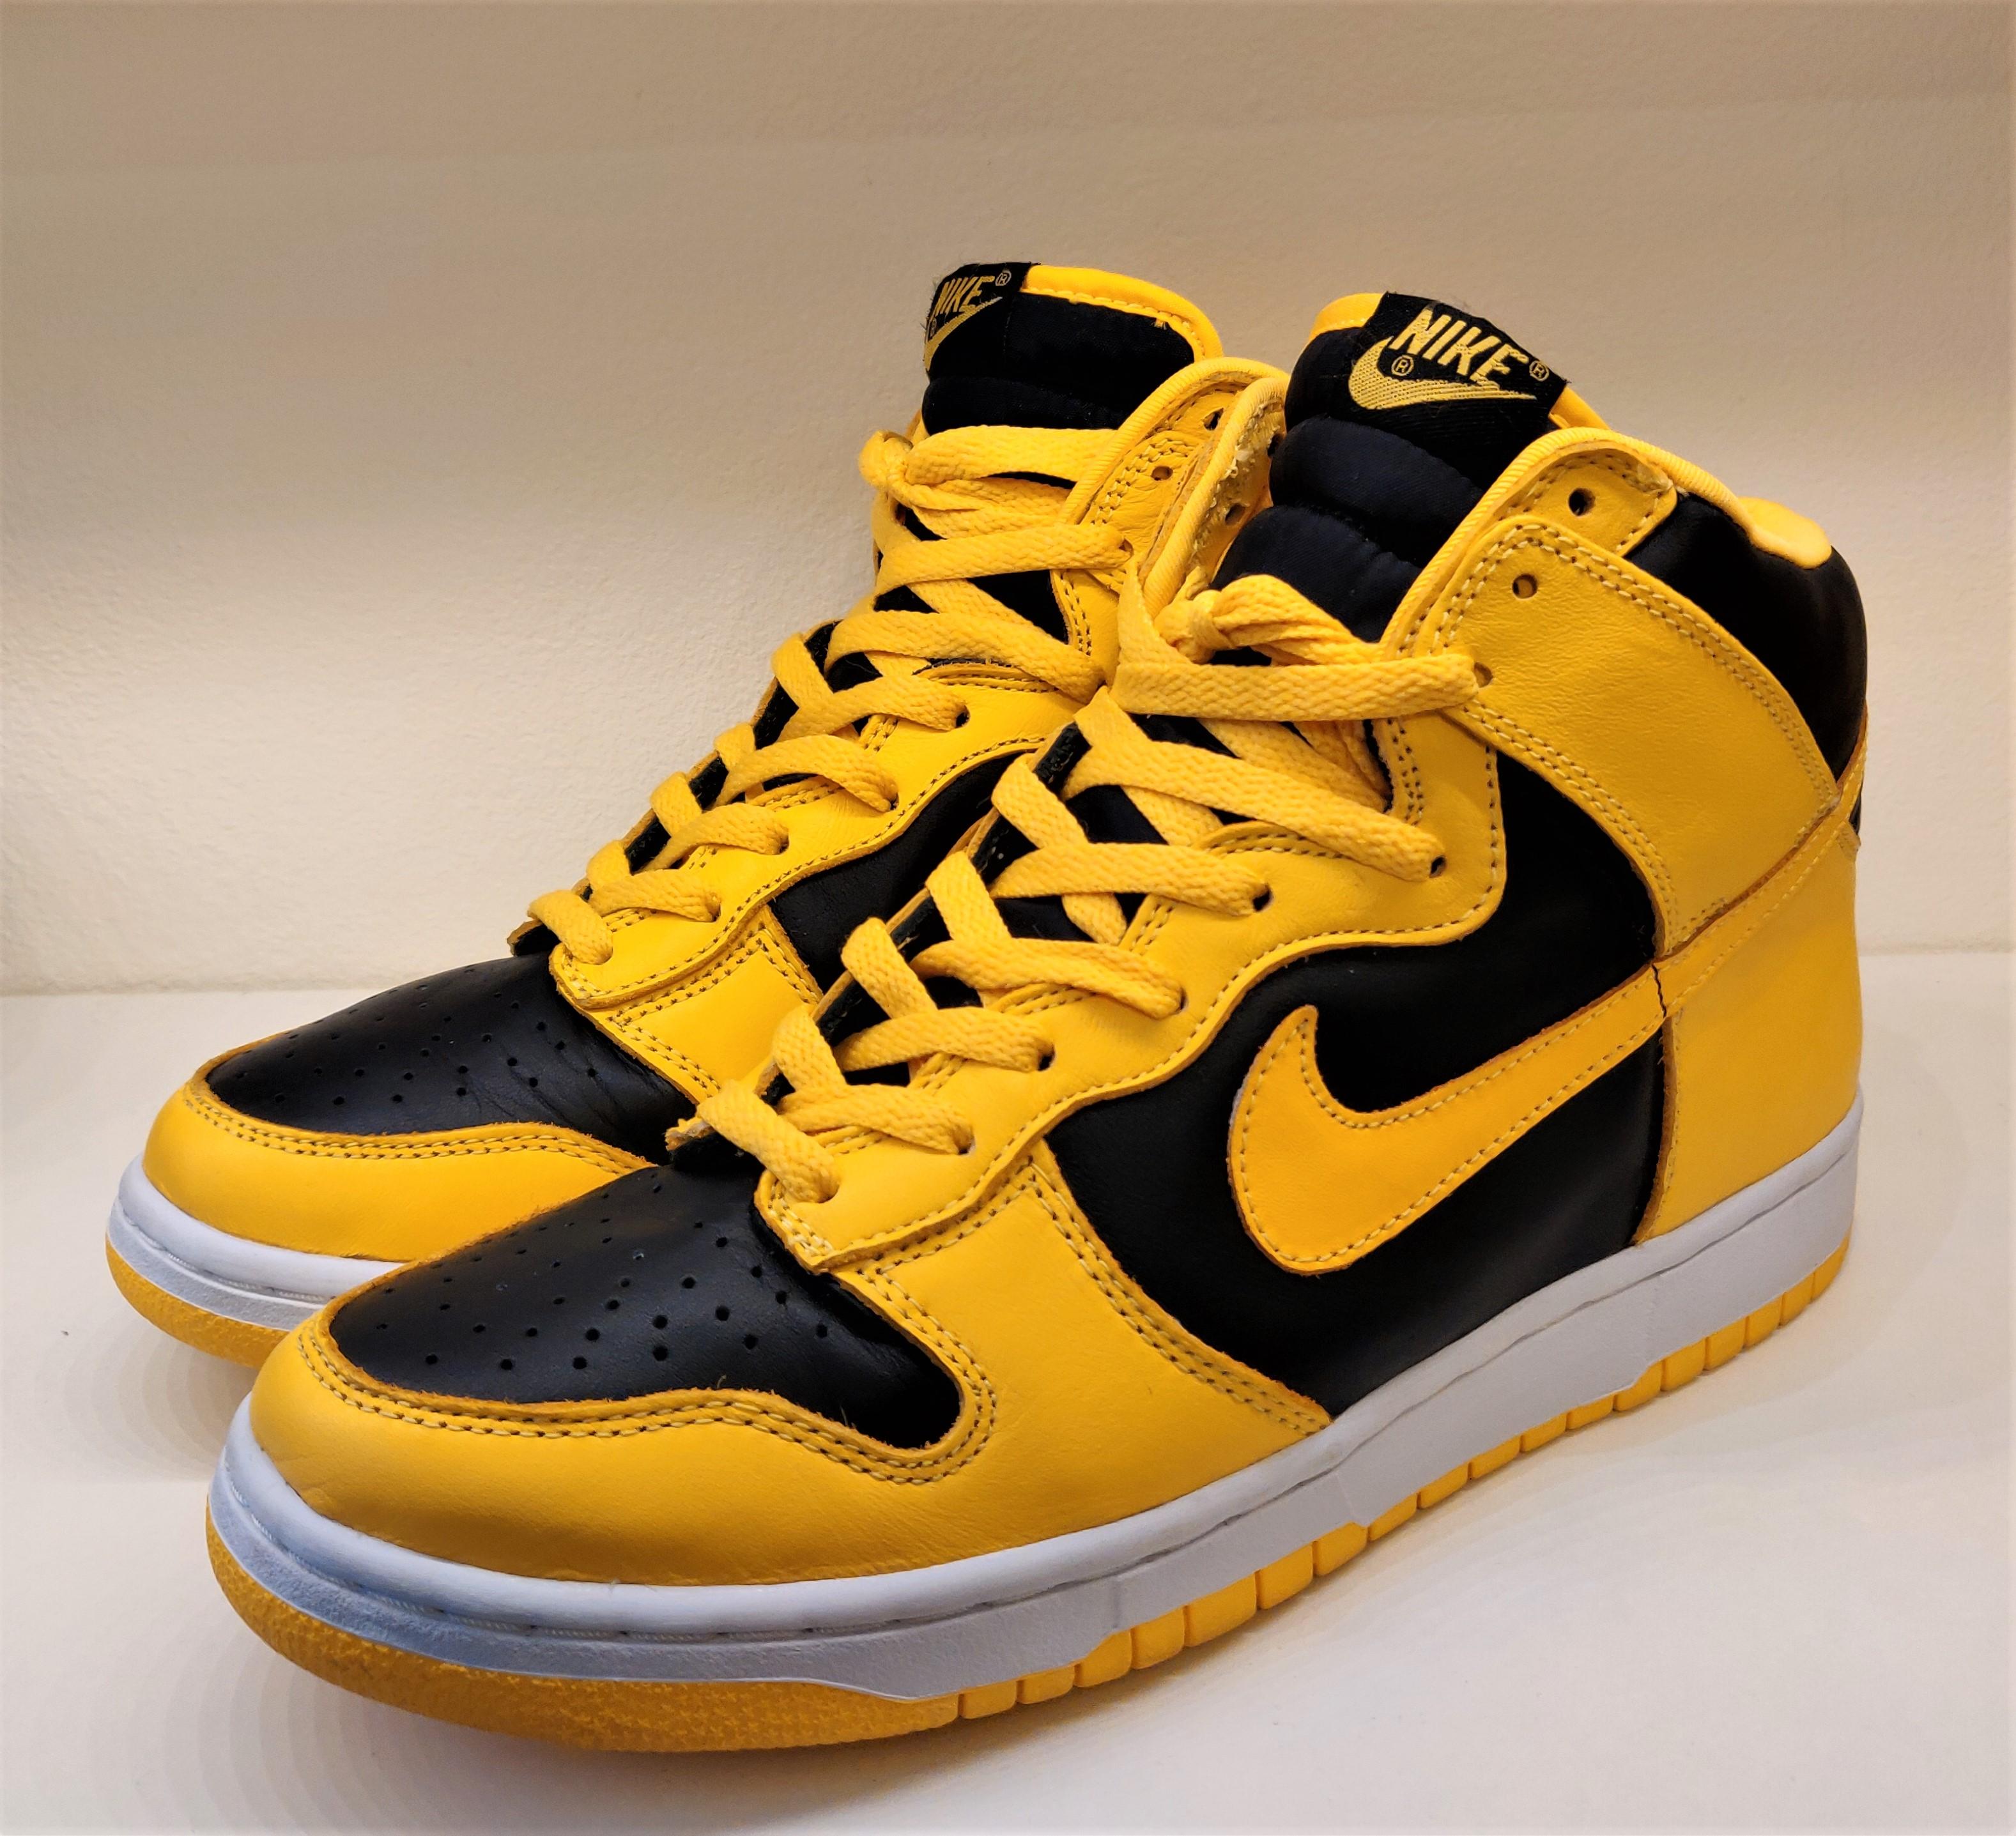 Nike Dunk Goldenrods